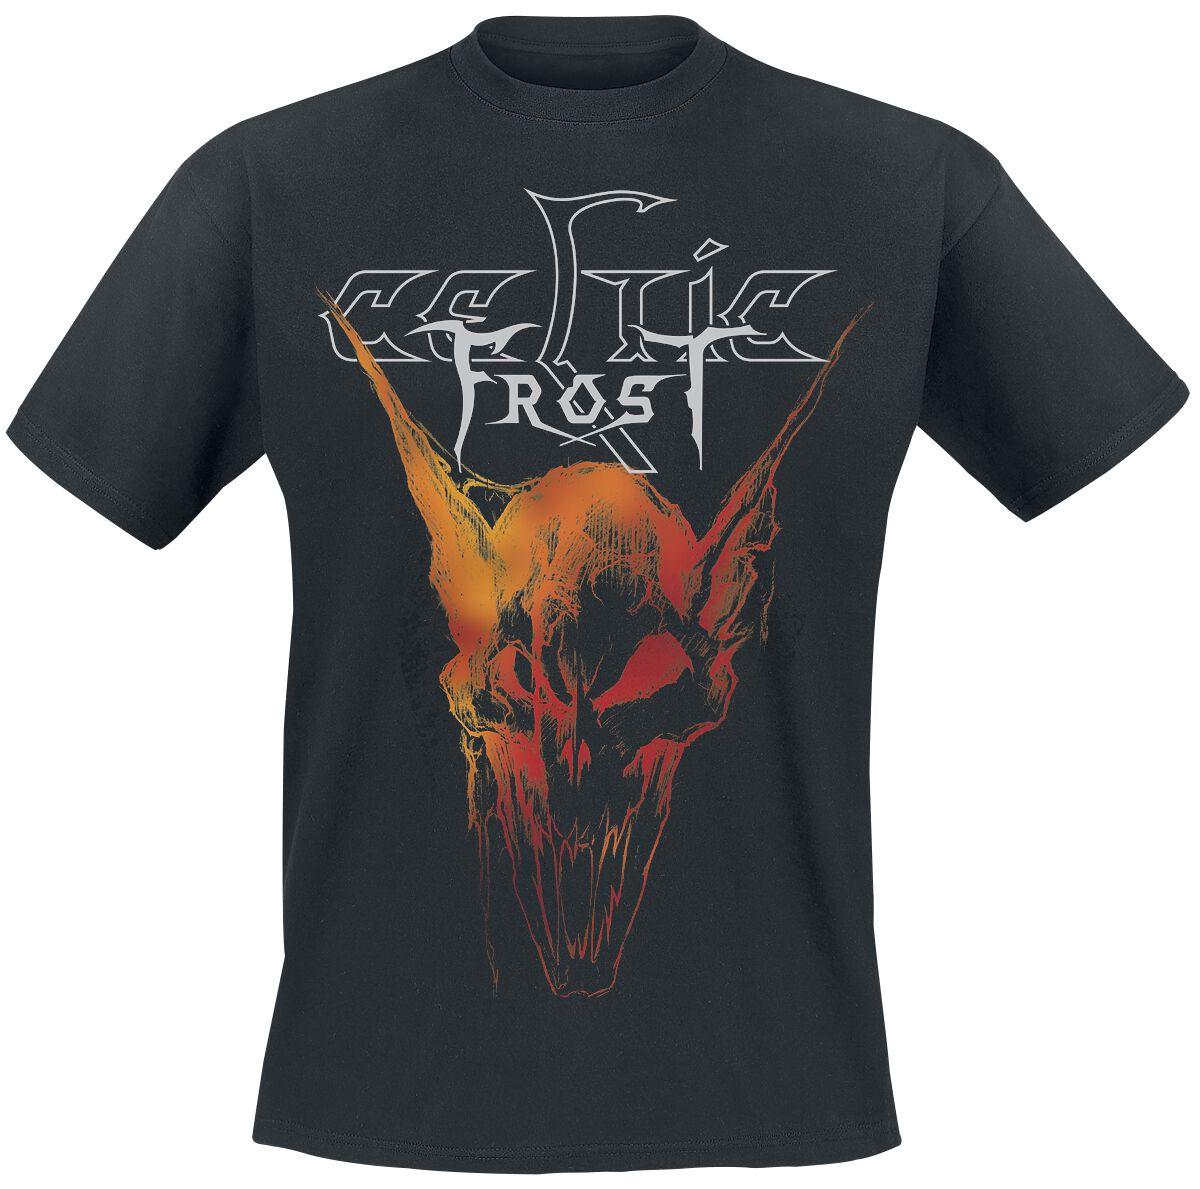 Zespoły - Koszulki - T-Shirt Celtic Frost Into the pandemonium T-Shirt czarny - 372076